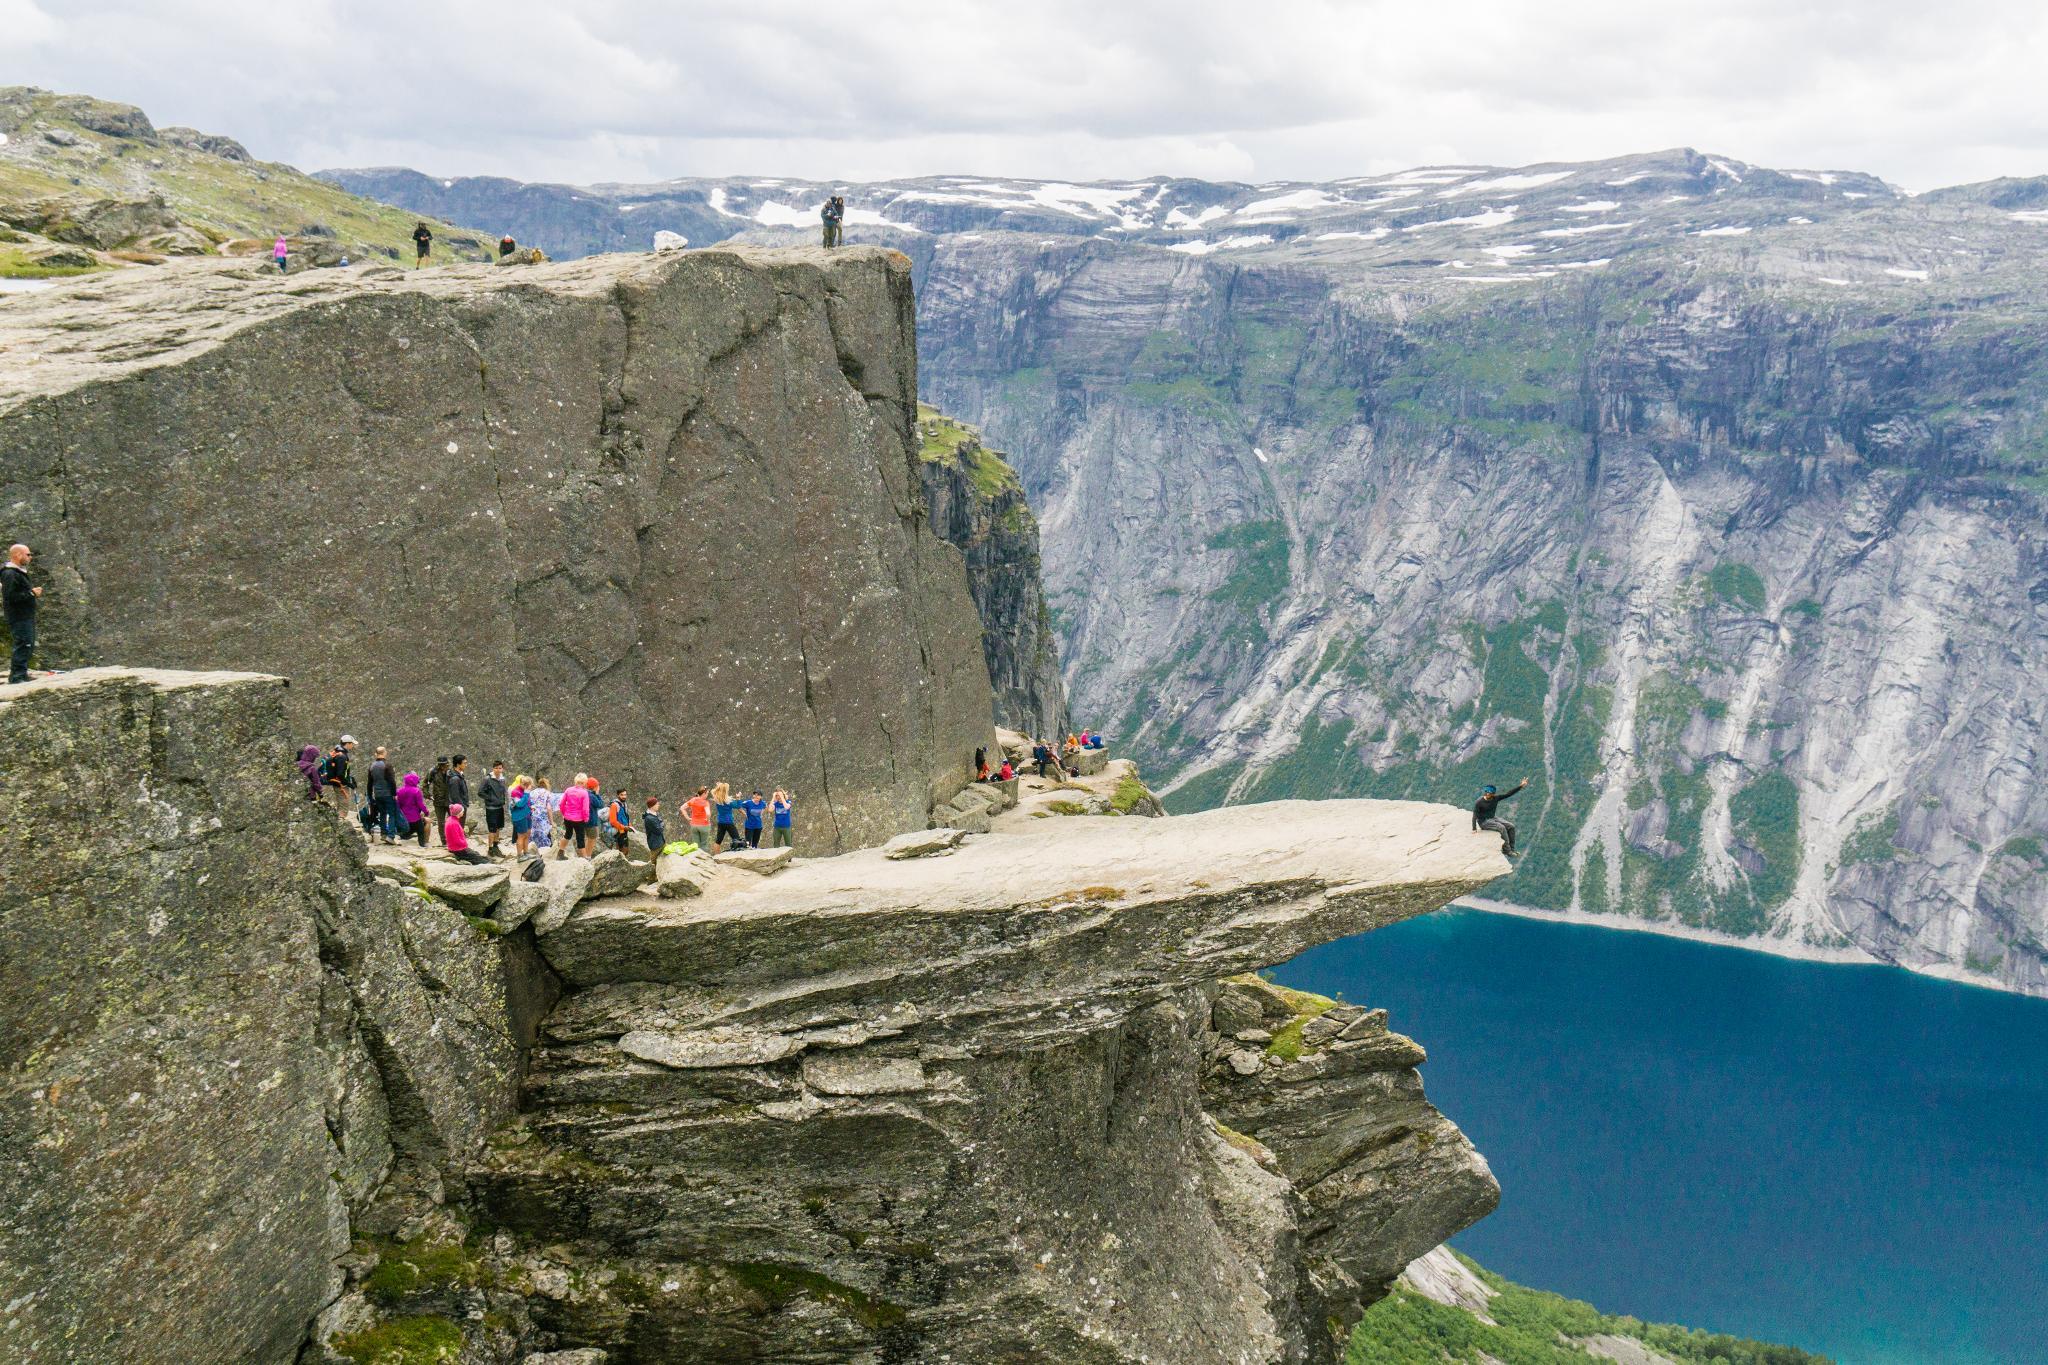 【北歐景點】挪威惡魔之舌 Trolltunga — 28公里健行挑戰全攻略 229